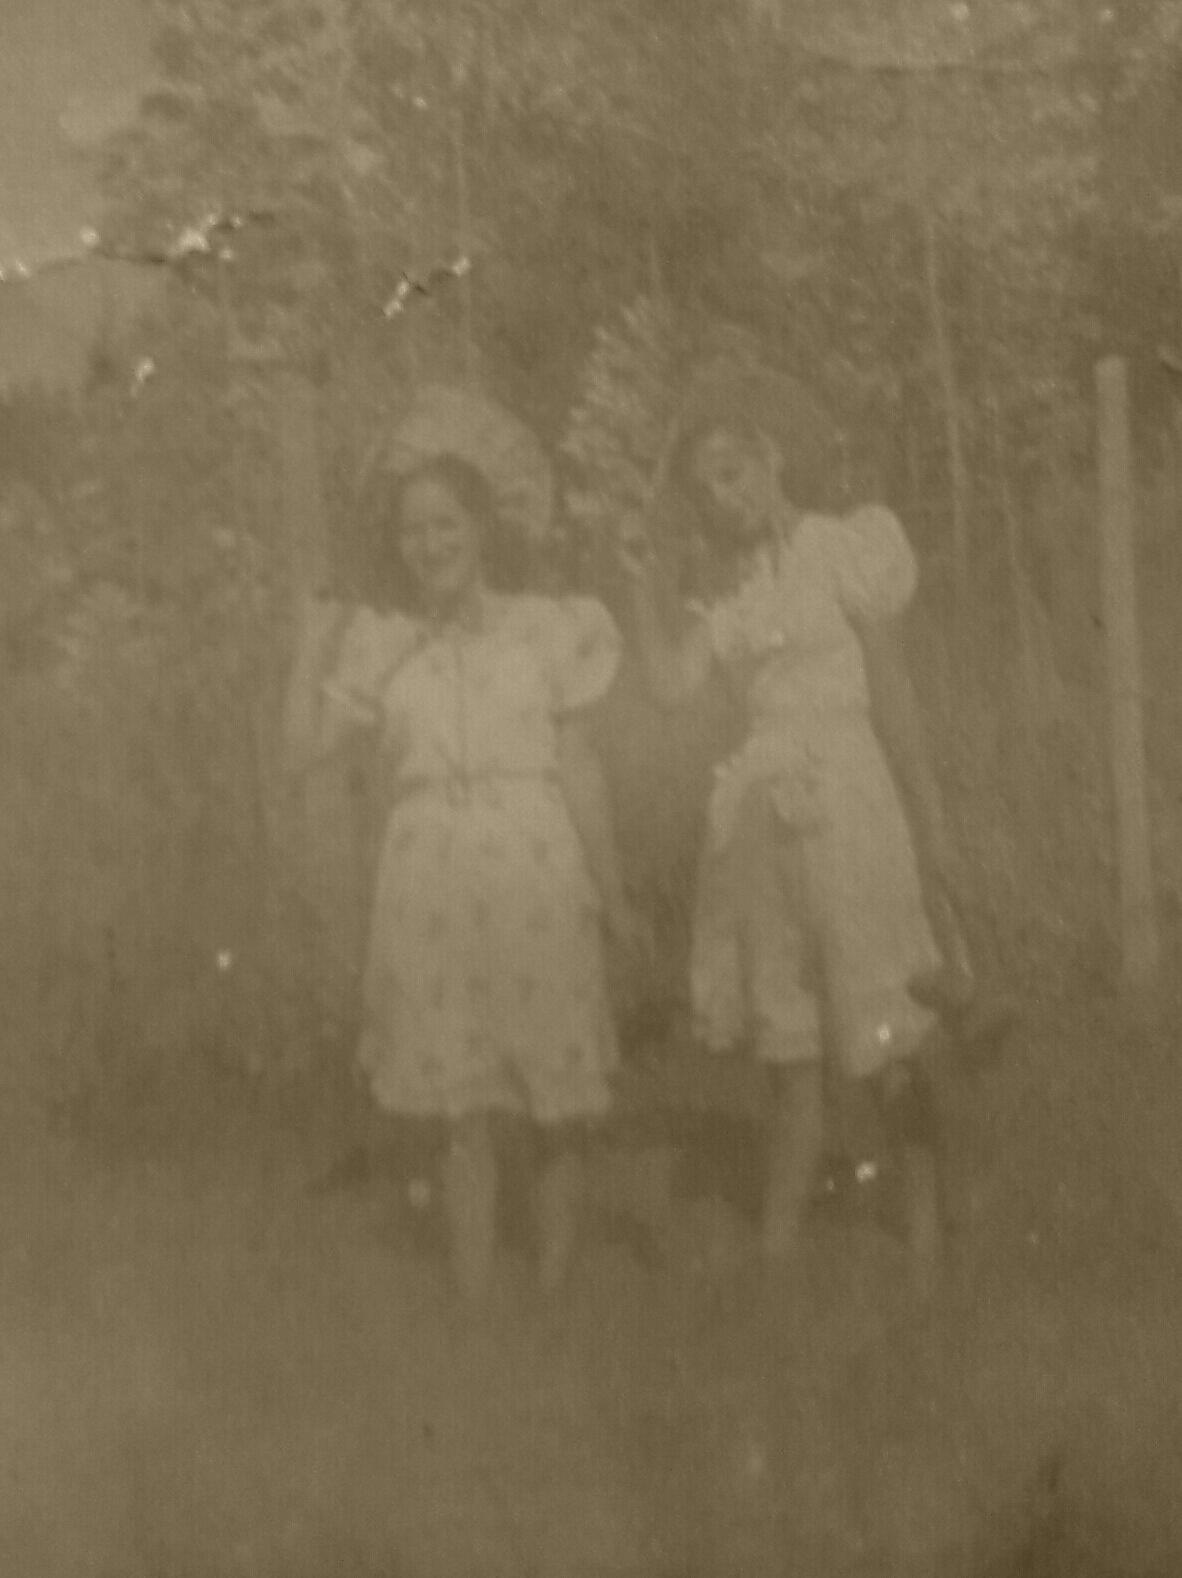 Enterreno - Fotos históricas de chile - fotos antiguas de Chile - Las Ondinas, 1941